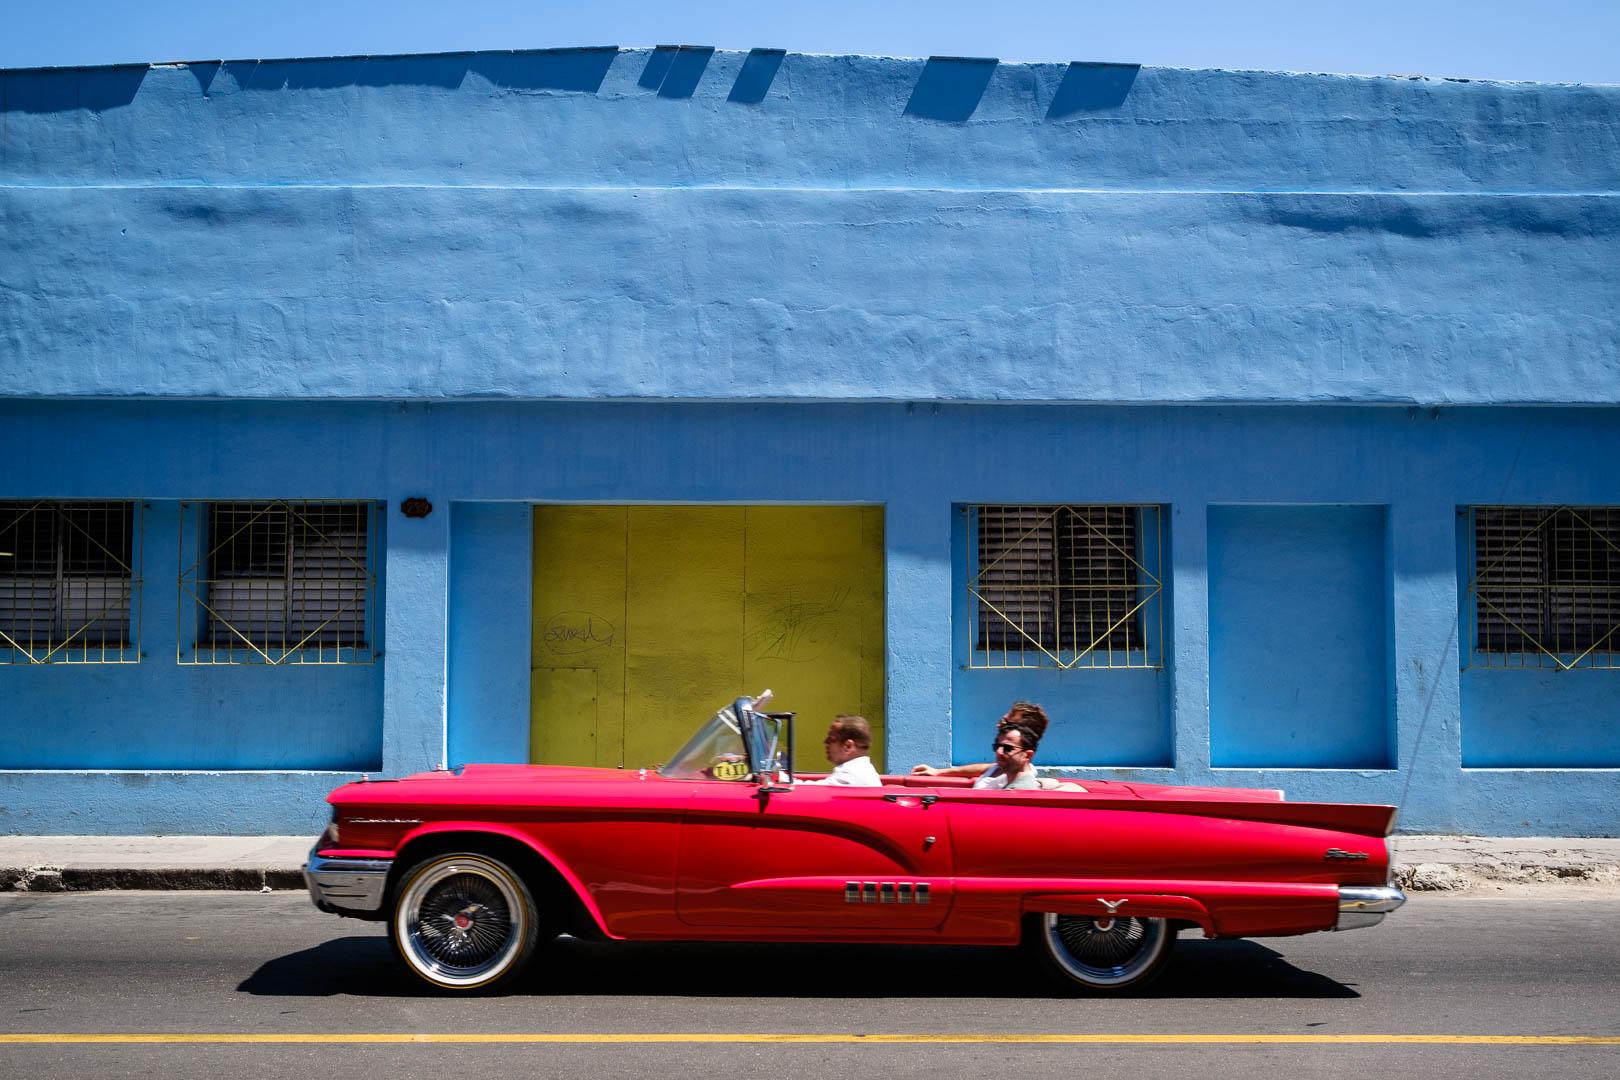 180501-Havana-269-1080.jpg